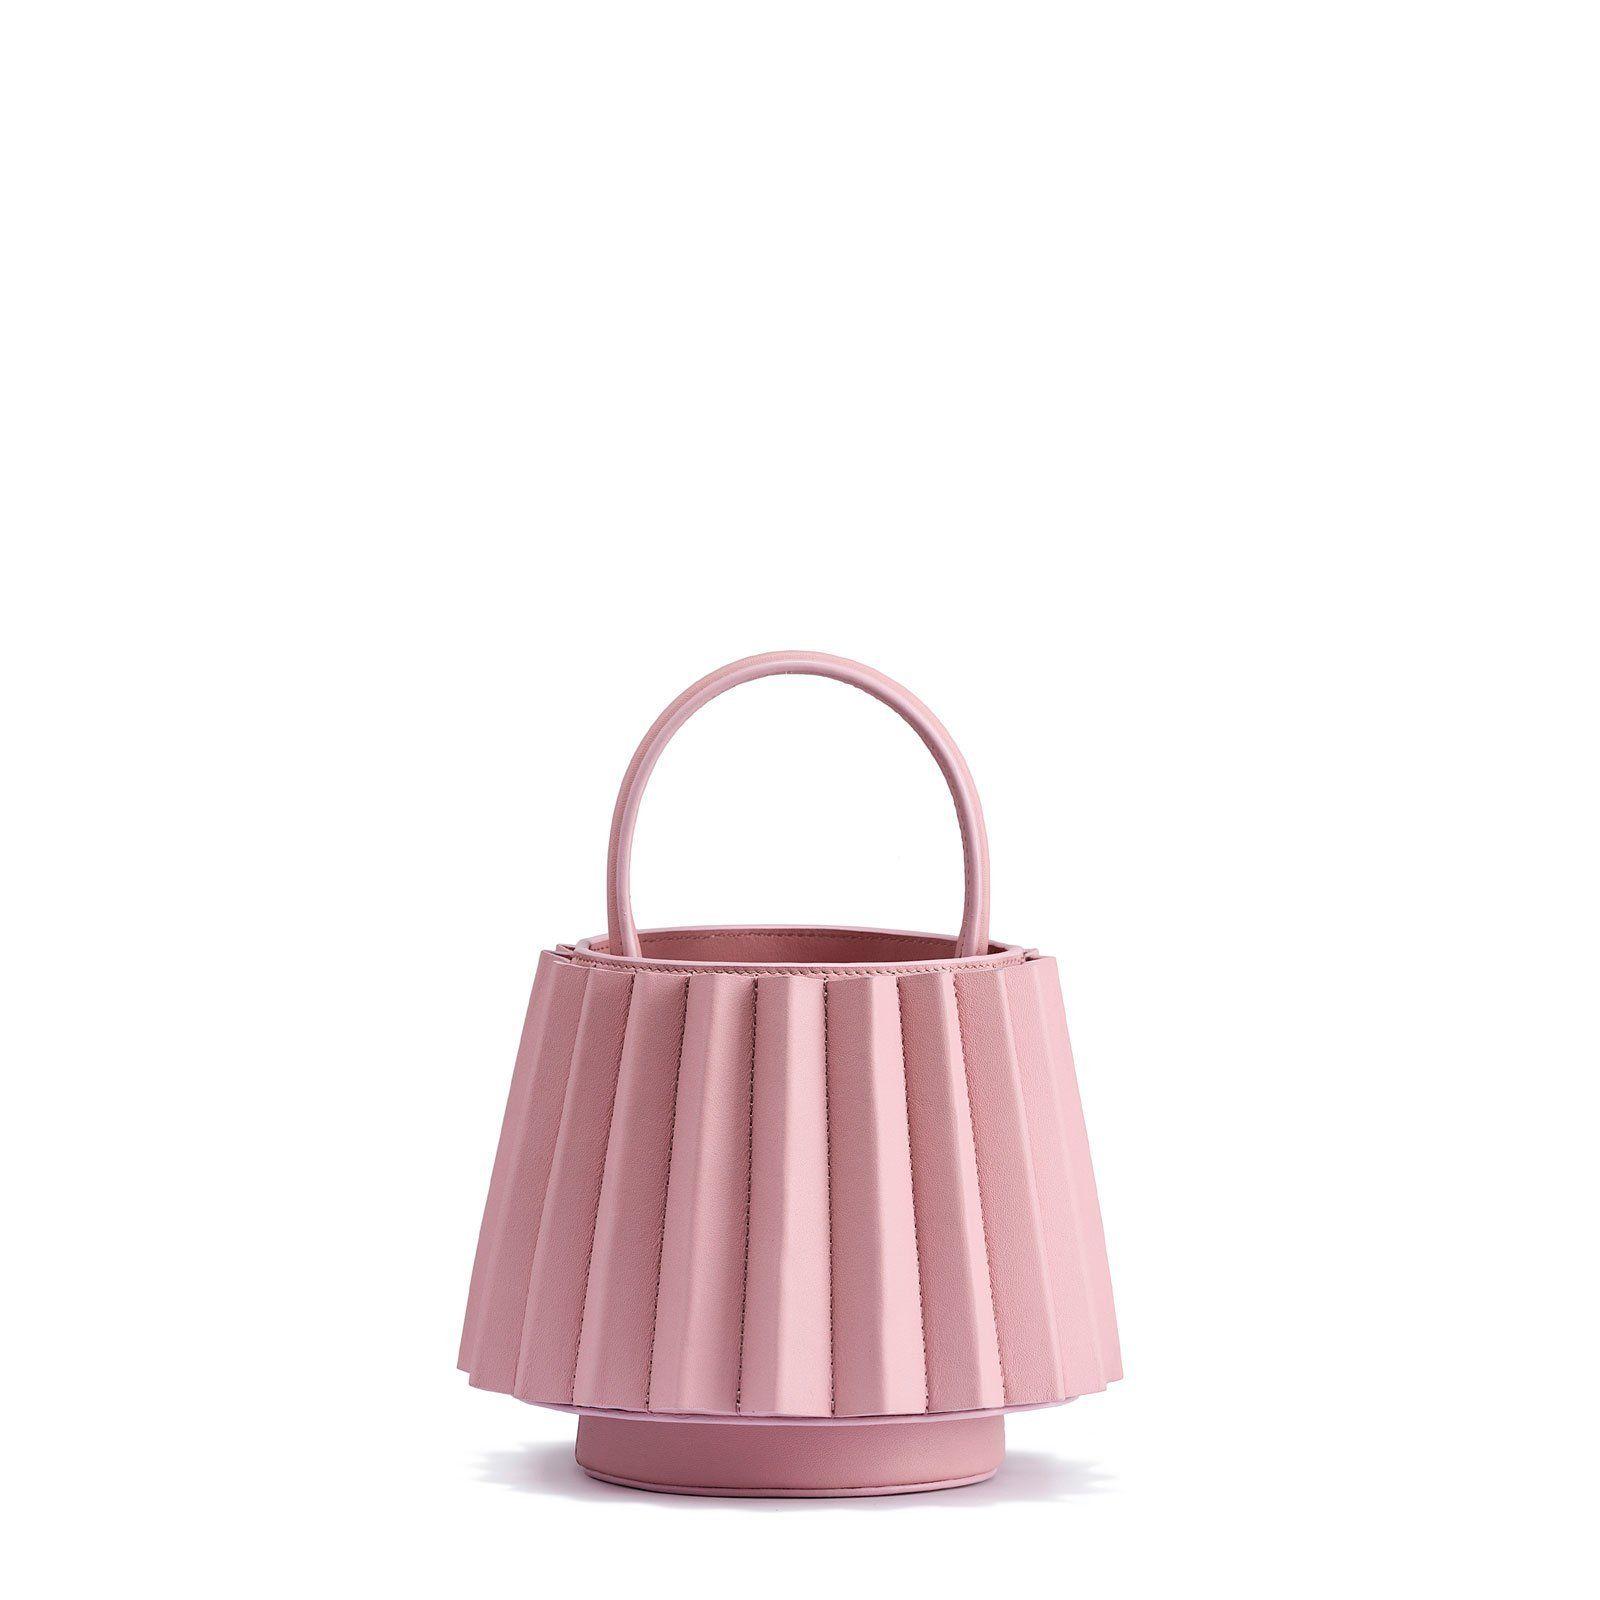 Mlouye Mini Lantern Bag Pleated - Pink Cloud  ec83000e99aa1